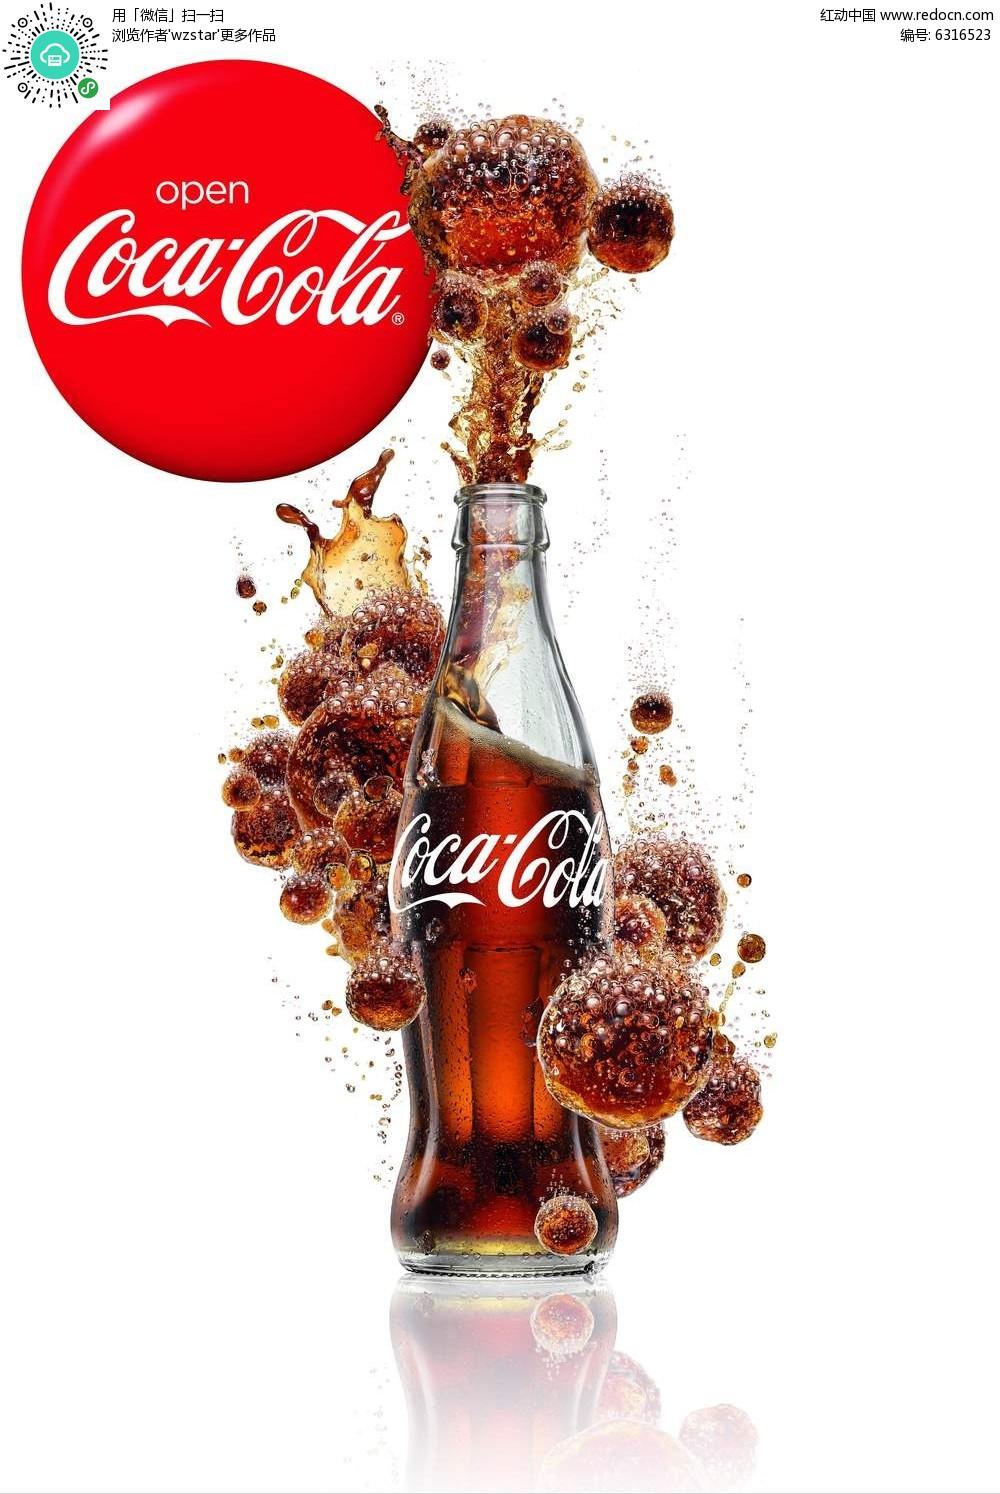 可口可乐宣传海报设计